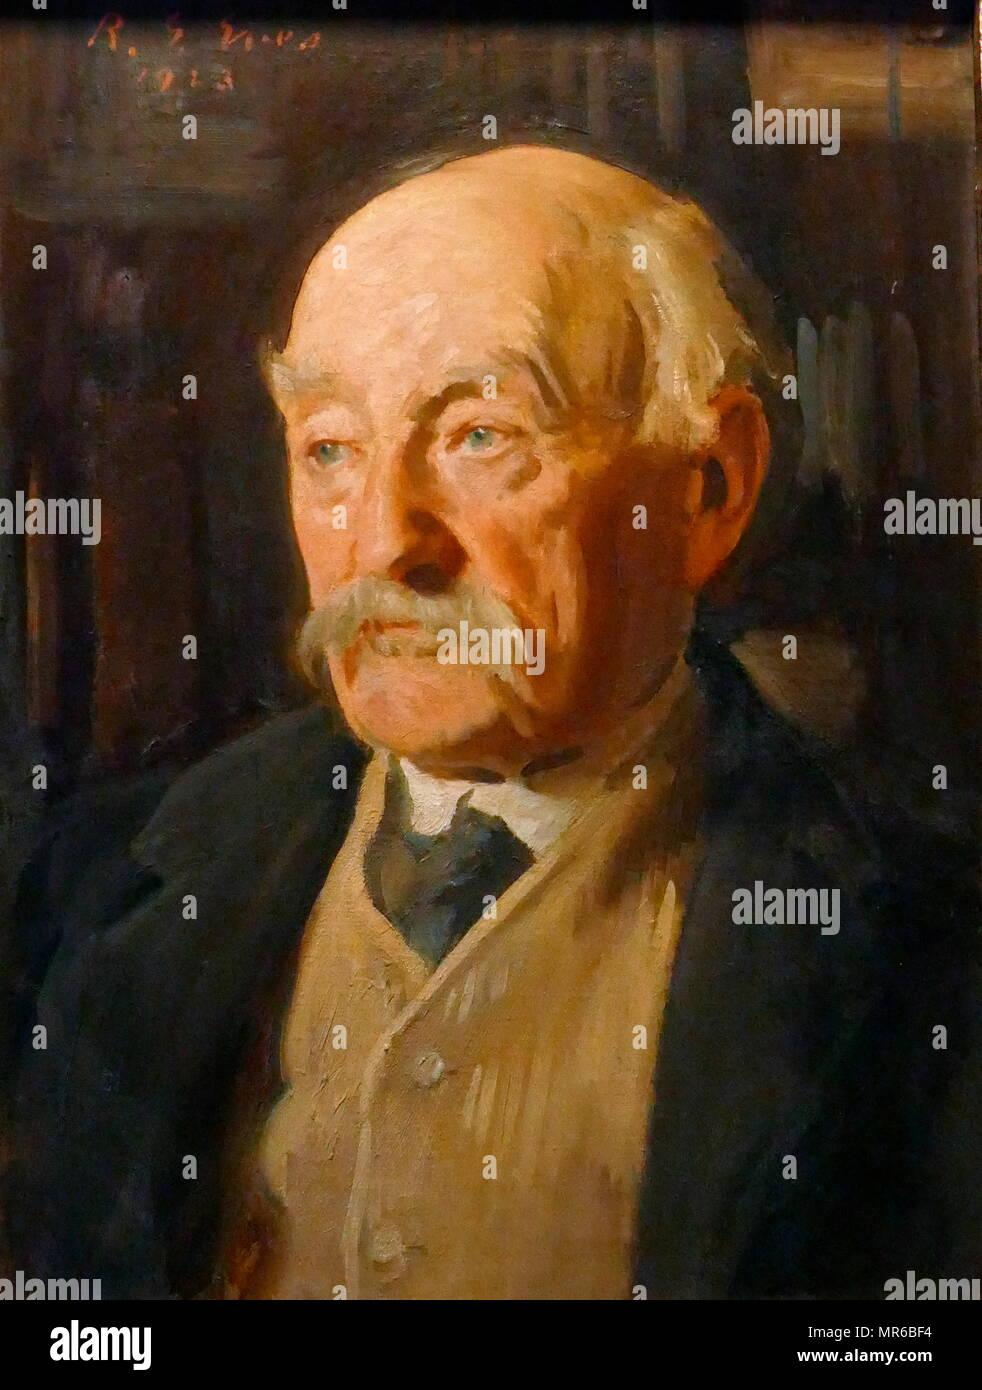 Thomas Hardy (1840-1928), englischer Autor. Portrait von Reginald Grenville Eves, 1923. Reginald Grenville Eves RA (24. Mai 1876 bis 13. Juni 1941) war ein britischer Maler, die Porträts von vielen Prominenten militärischen, politischen und kulturellen Figuren Stockbild